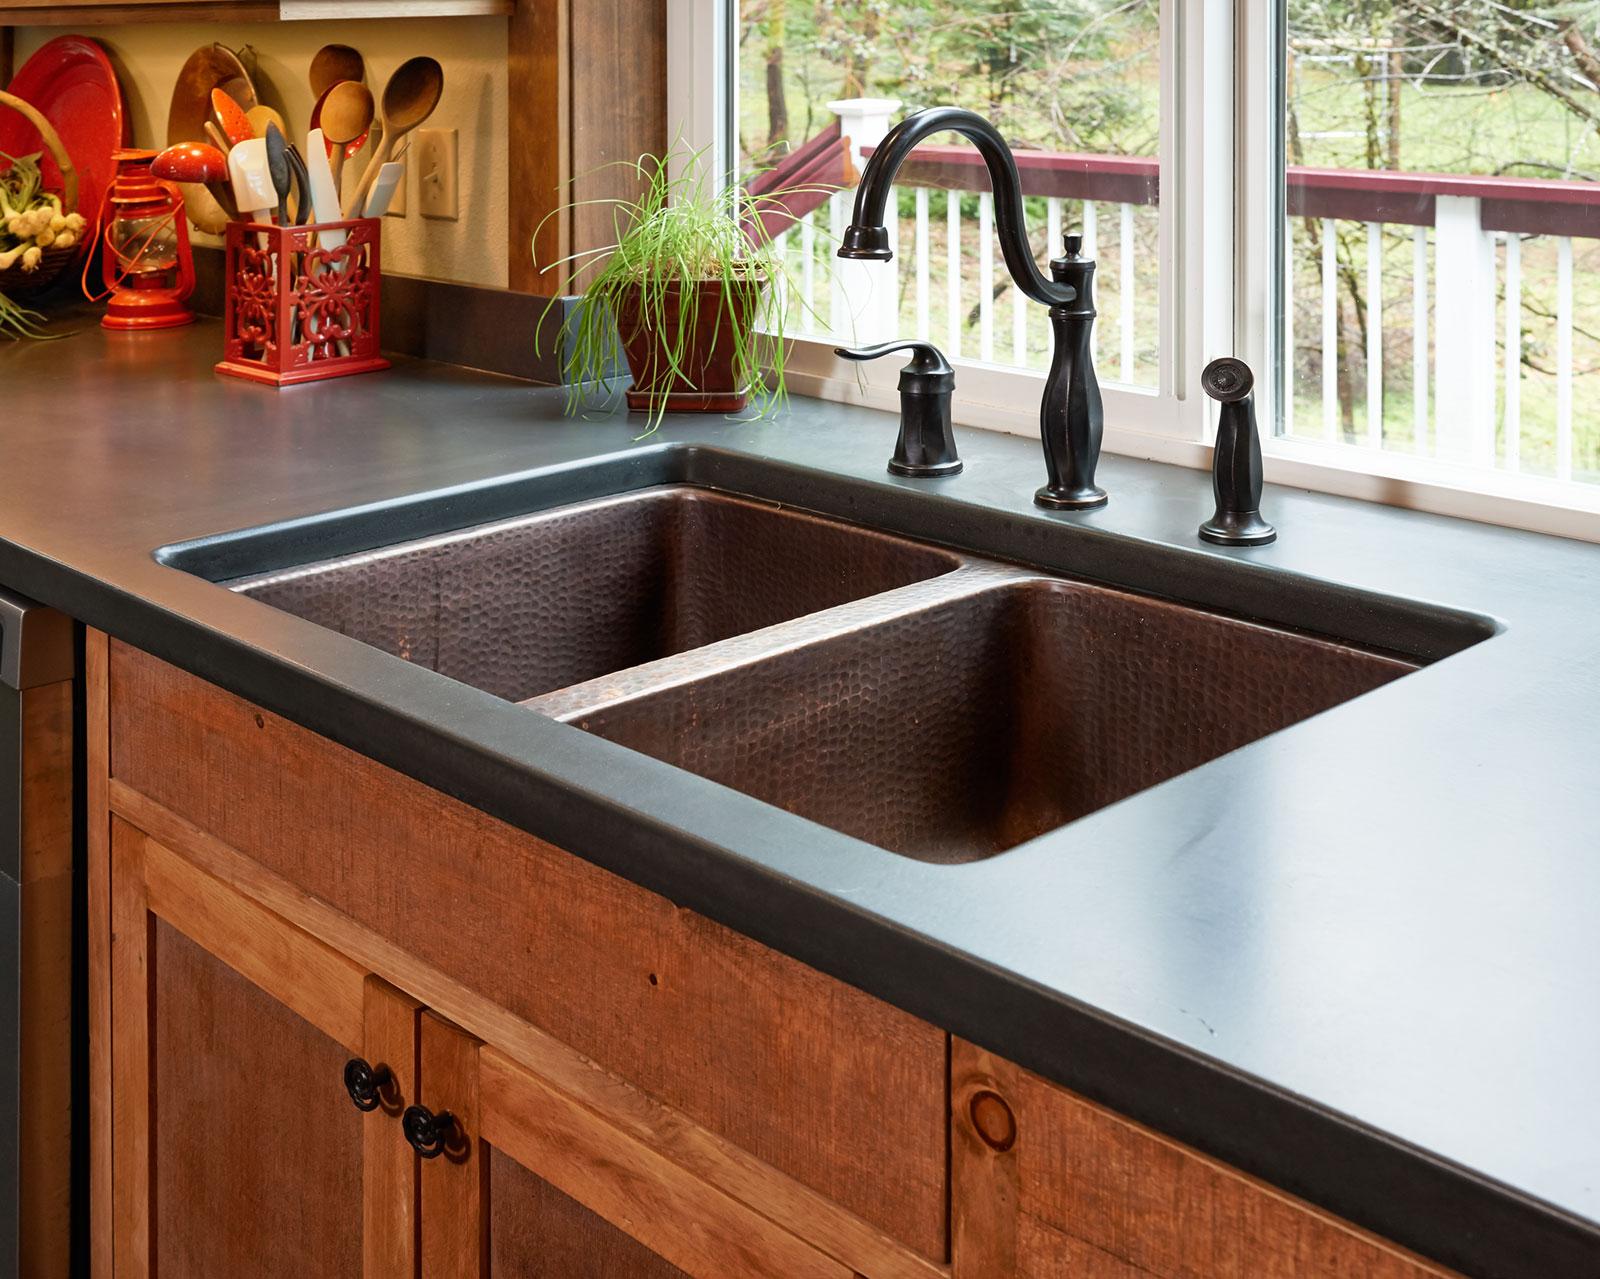 custom built new home corvallis - Henderer Design + Build, Corvallis OR